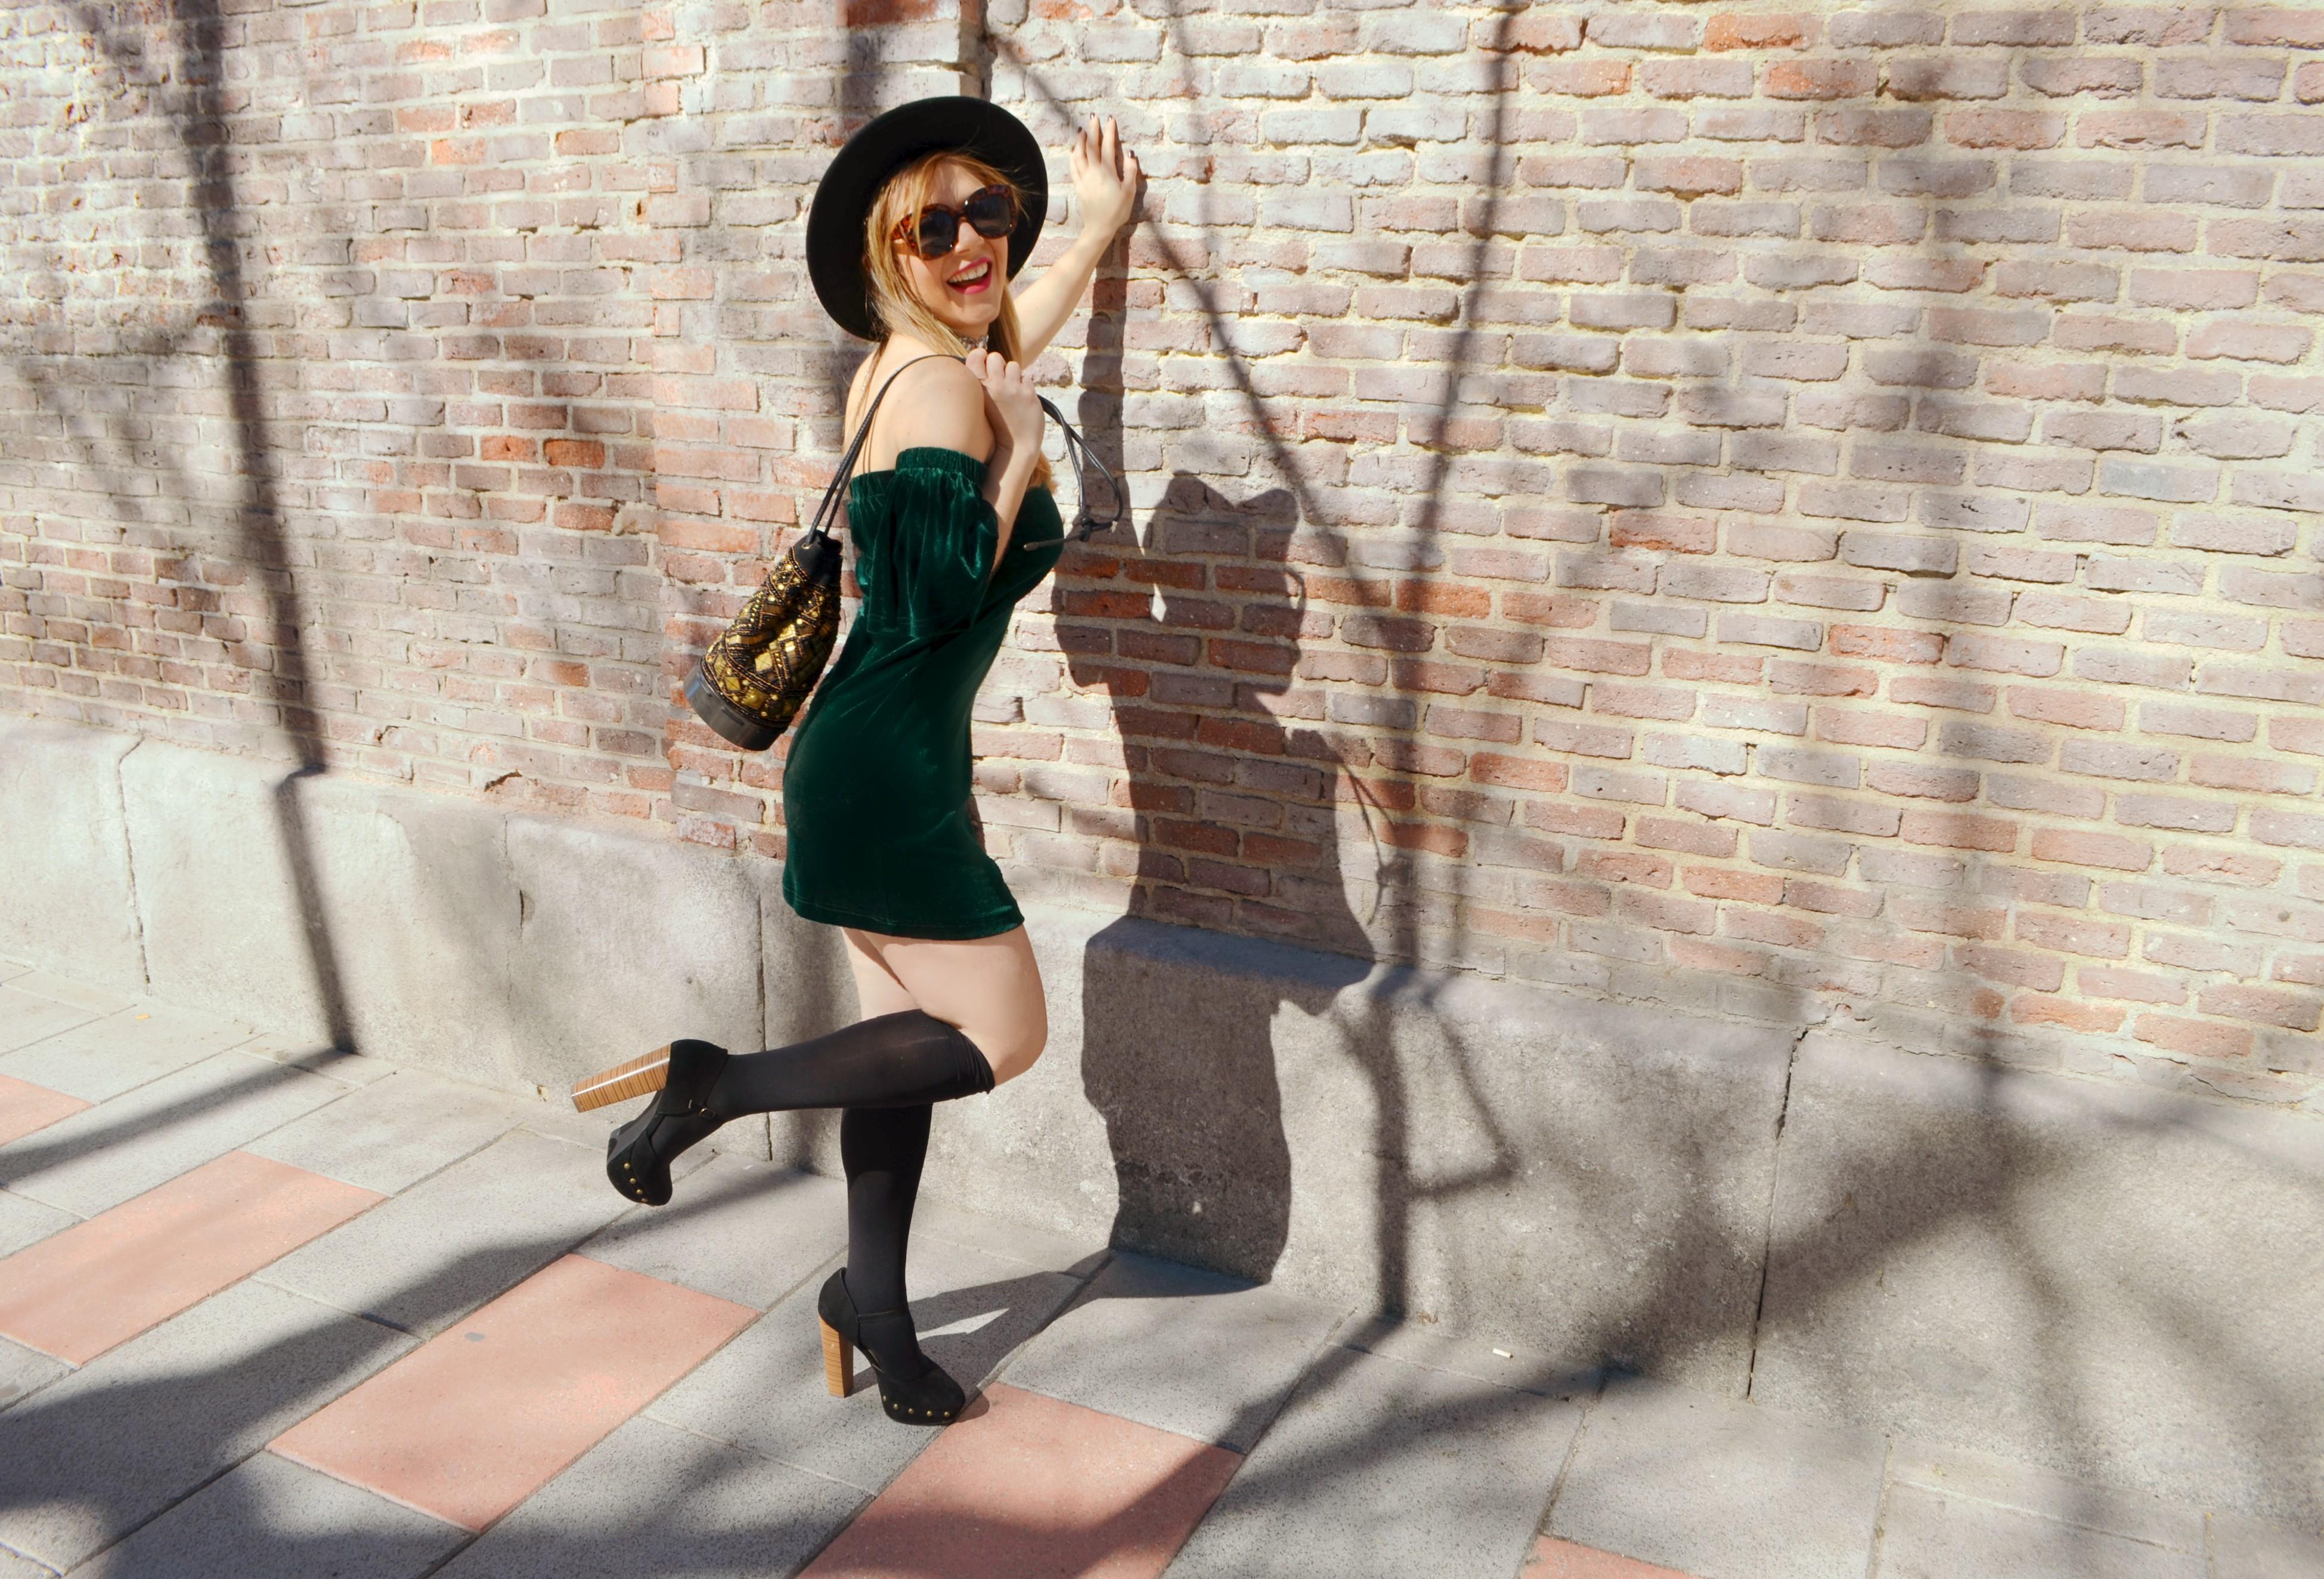 Madrid-fashion-style-blog-de-moda-ChicAdicta-Shein-look-Chic-Adicta-boho-outfit-vestido-verde-de-primavera-PiensaenChic-Piensa-en-Chic